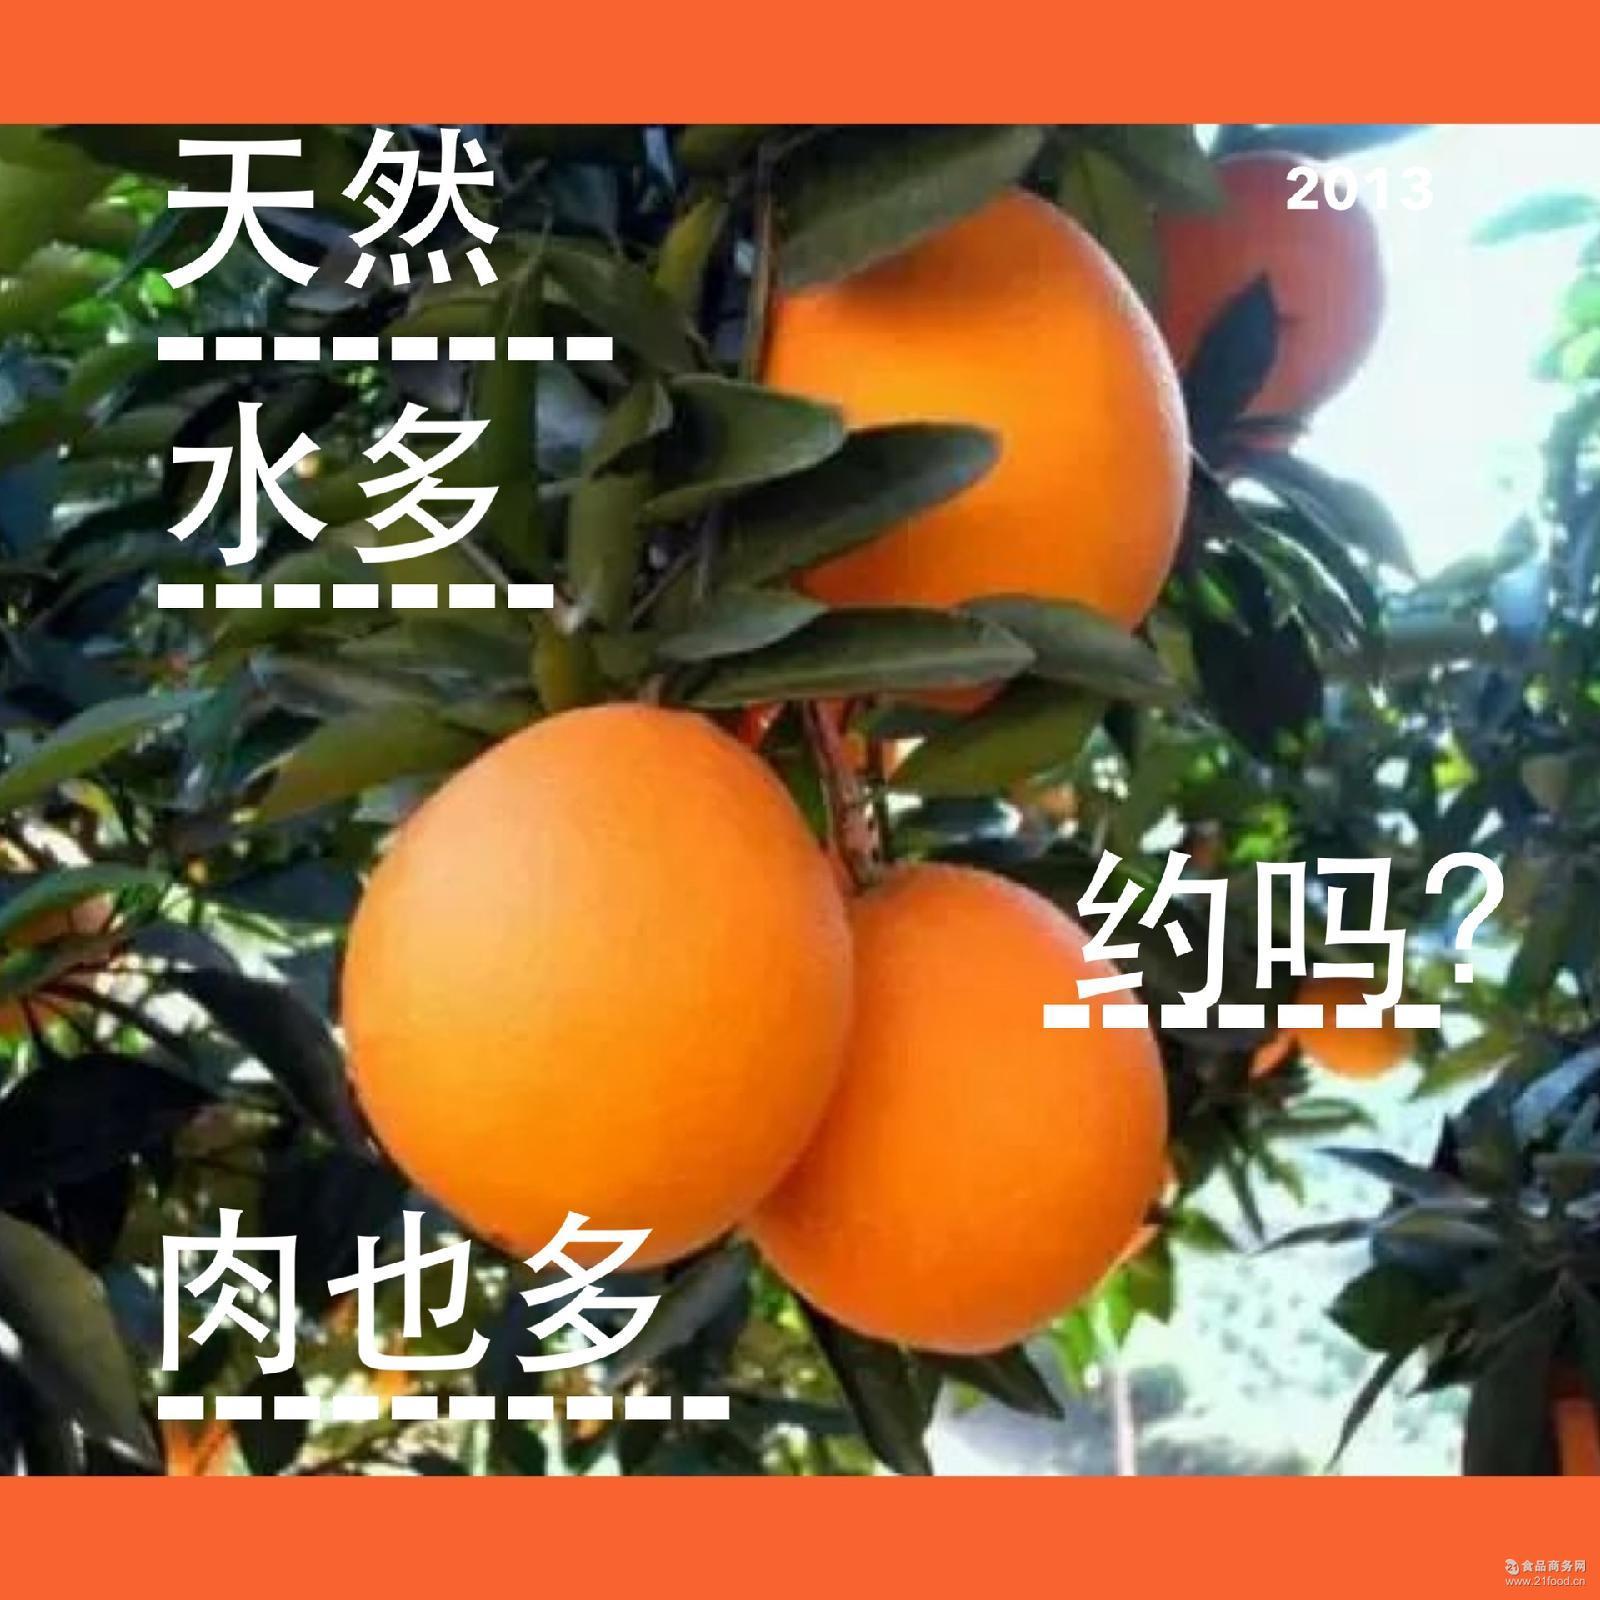 包邮正宗赣南脐橙 橙子10斤装精品果多汁爽口天然无公害 一件代发